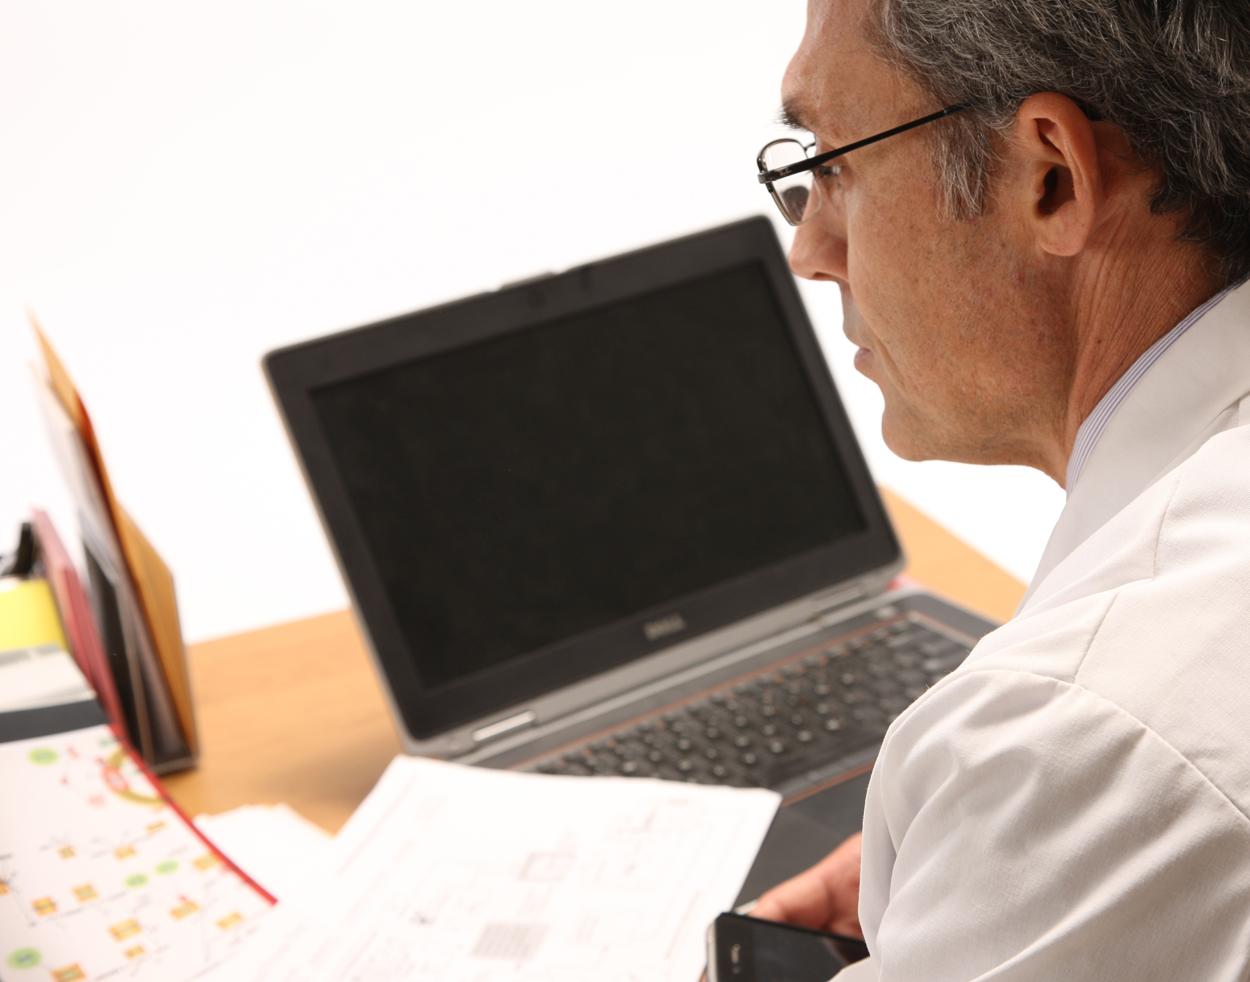 Pharma-1-Competencias-tecnologi-medicina.jpg